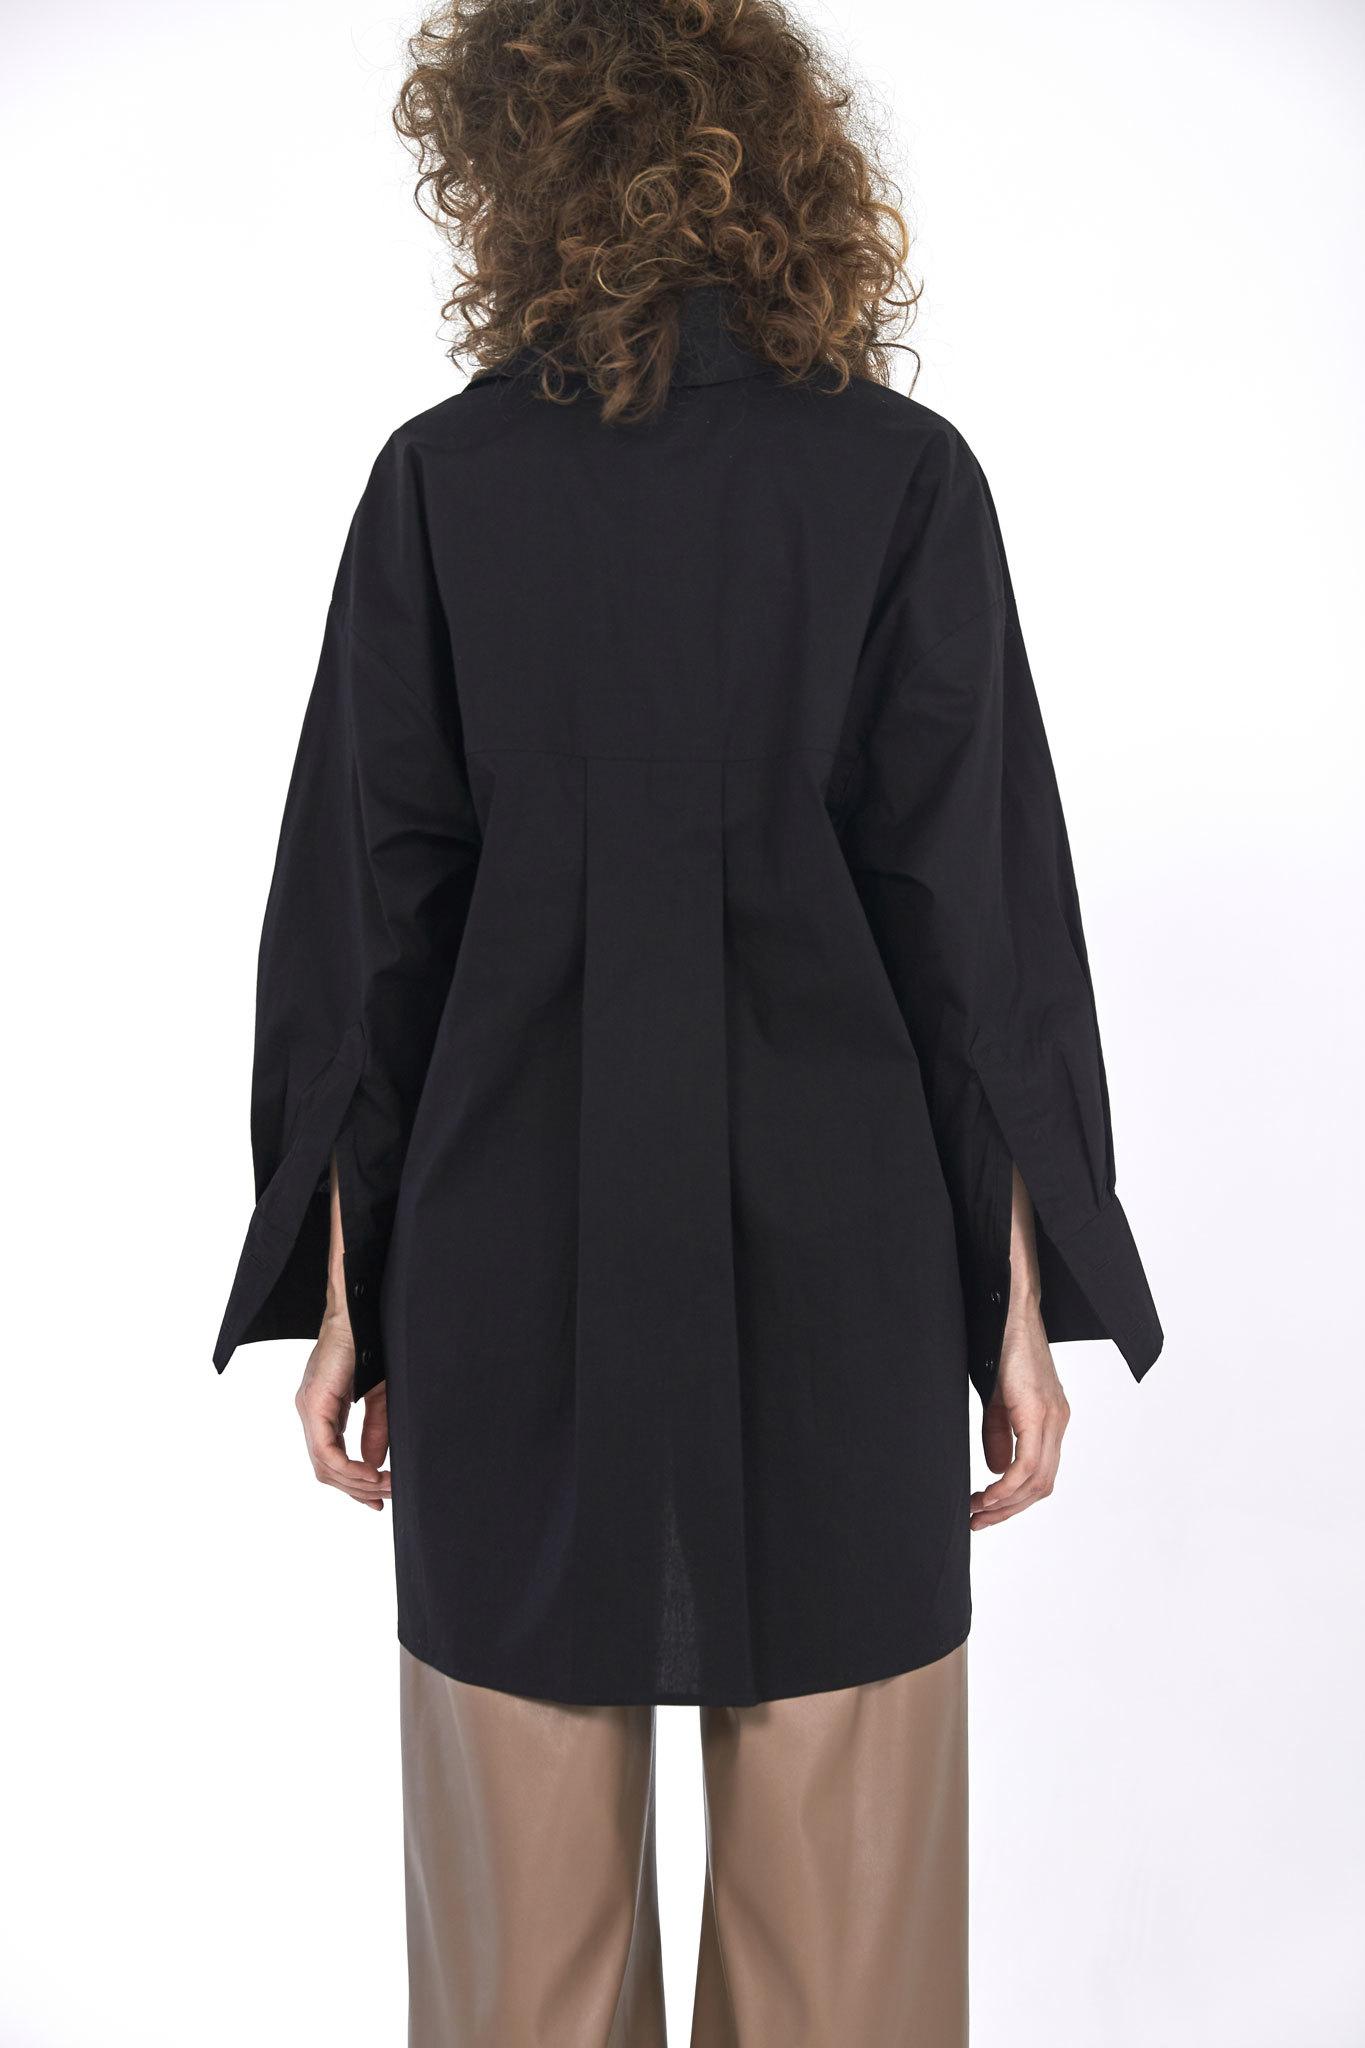 Рубашка оверсайз в мужском стиле, черный плотный хлопок